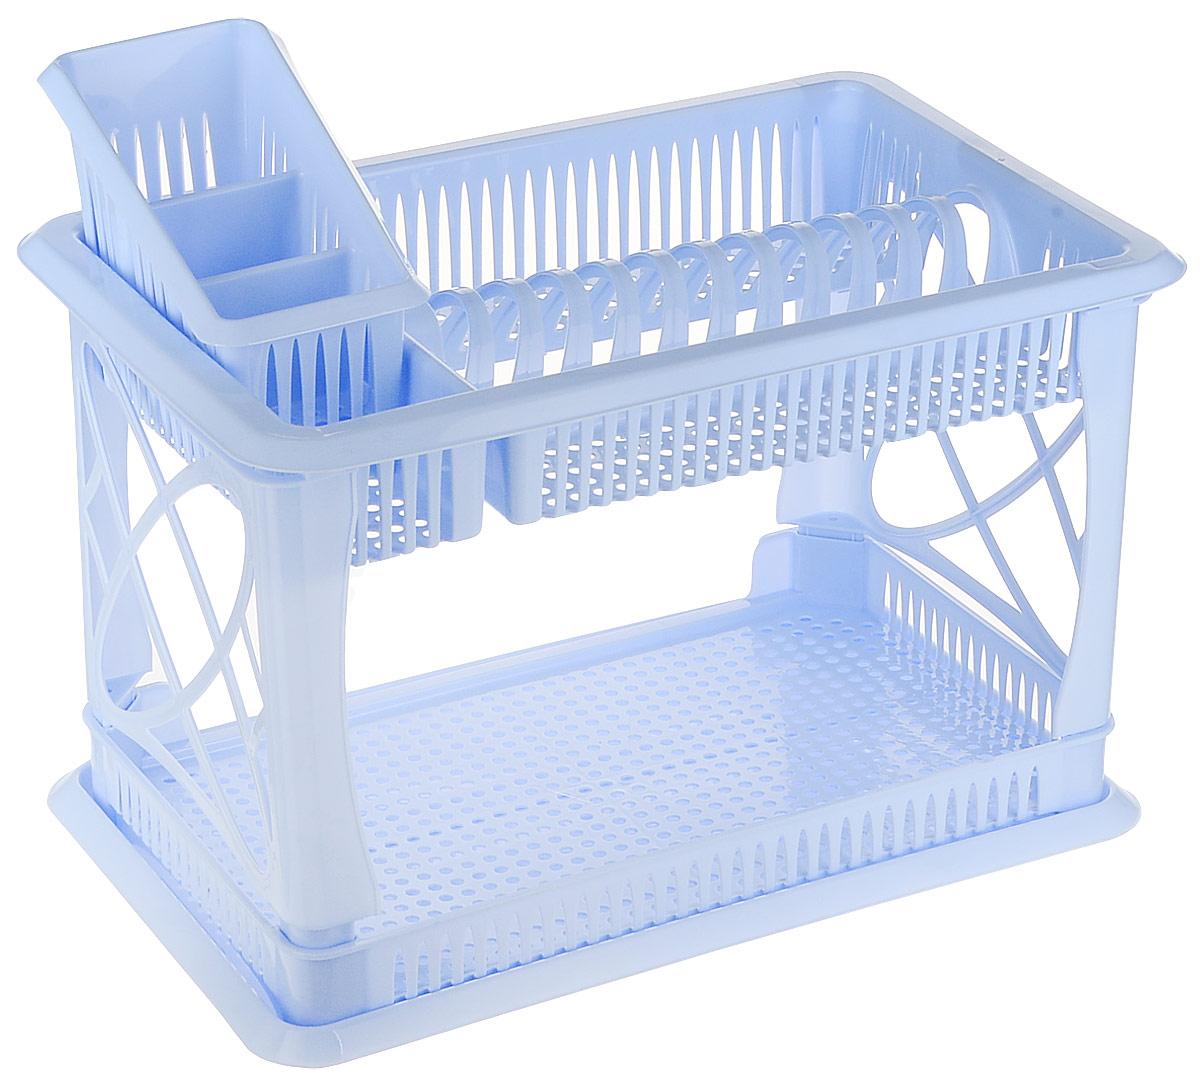 Сушилка для посуды Plastic Centre Лилия, 2-ярусная, с поддоном, с сушилкой для столовых приборов, цвет: голубой, 49 х 17,5 х 32,5 см цена